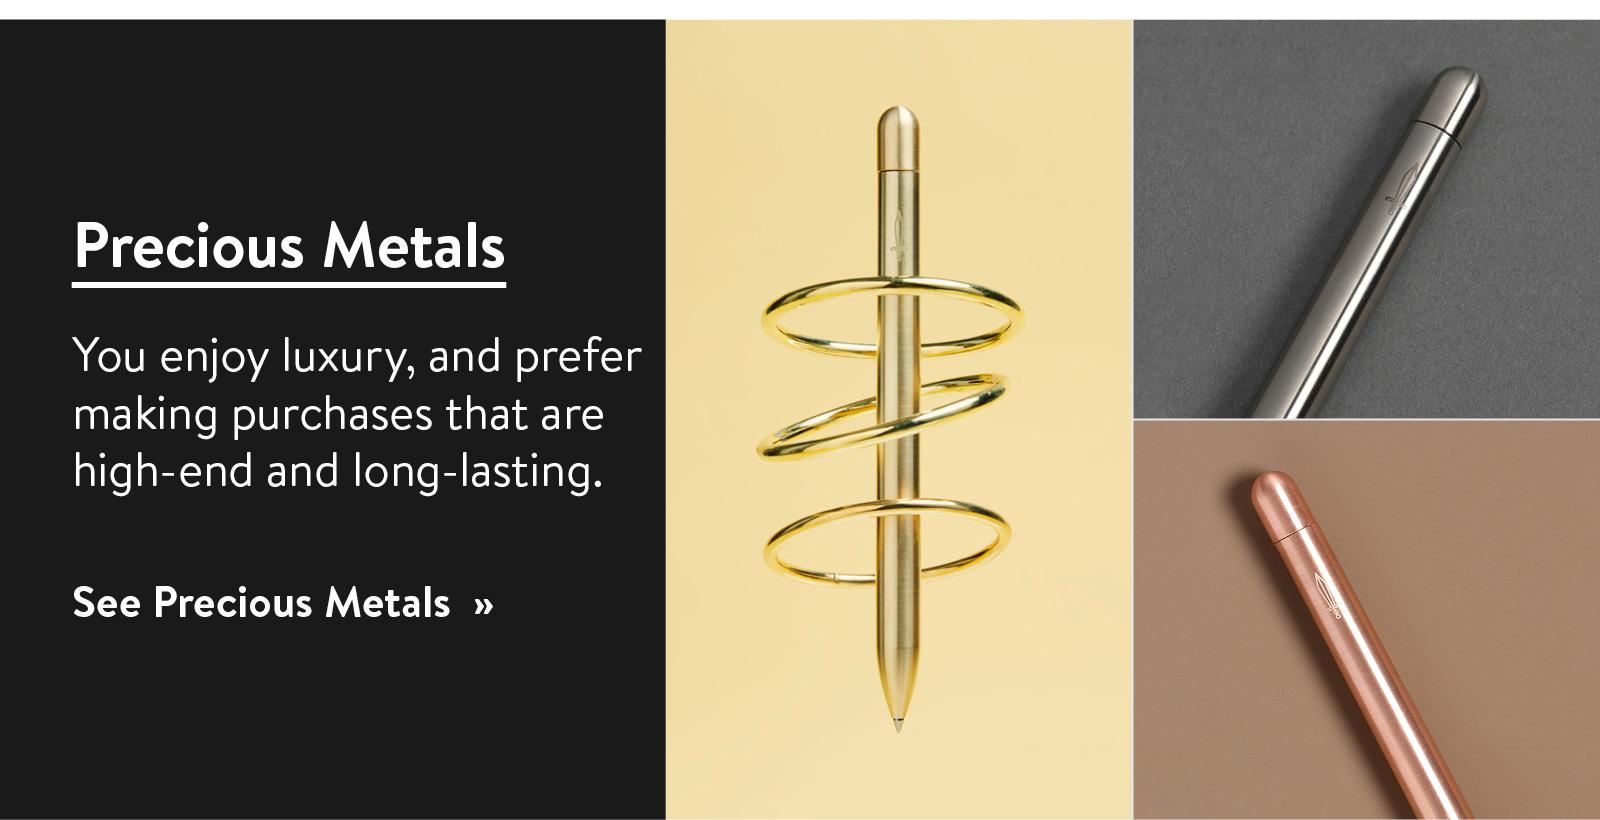 See Precious Metals ?